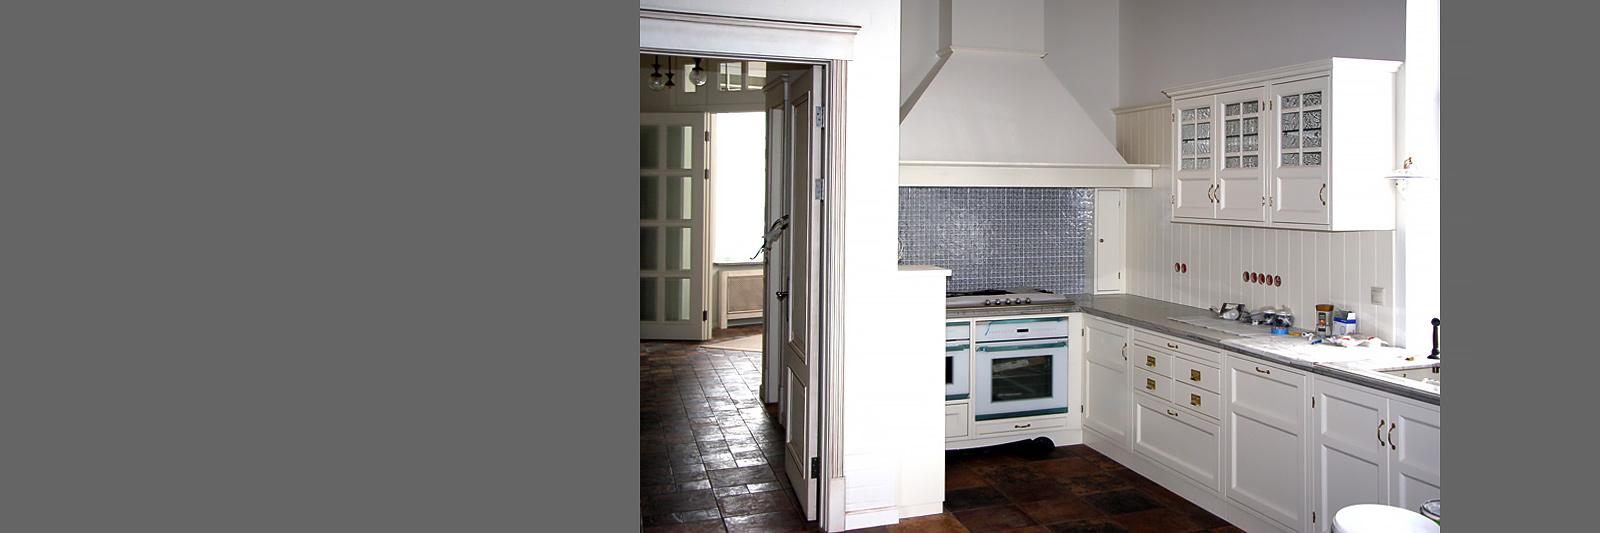 Классическая кухня на заказ из эмалированной МДФ